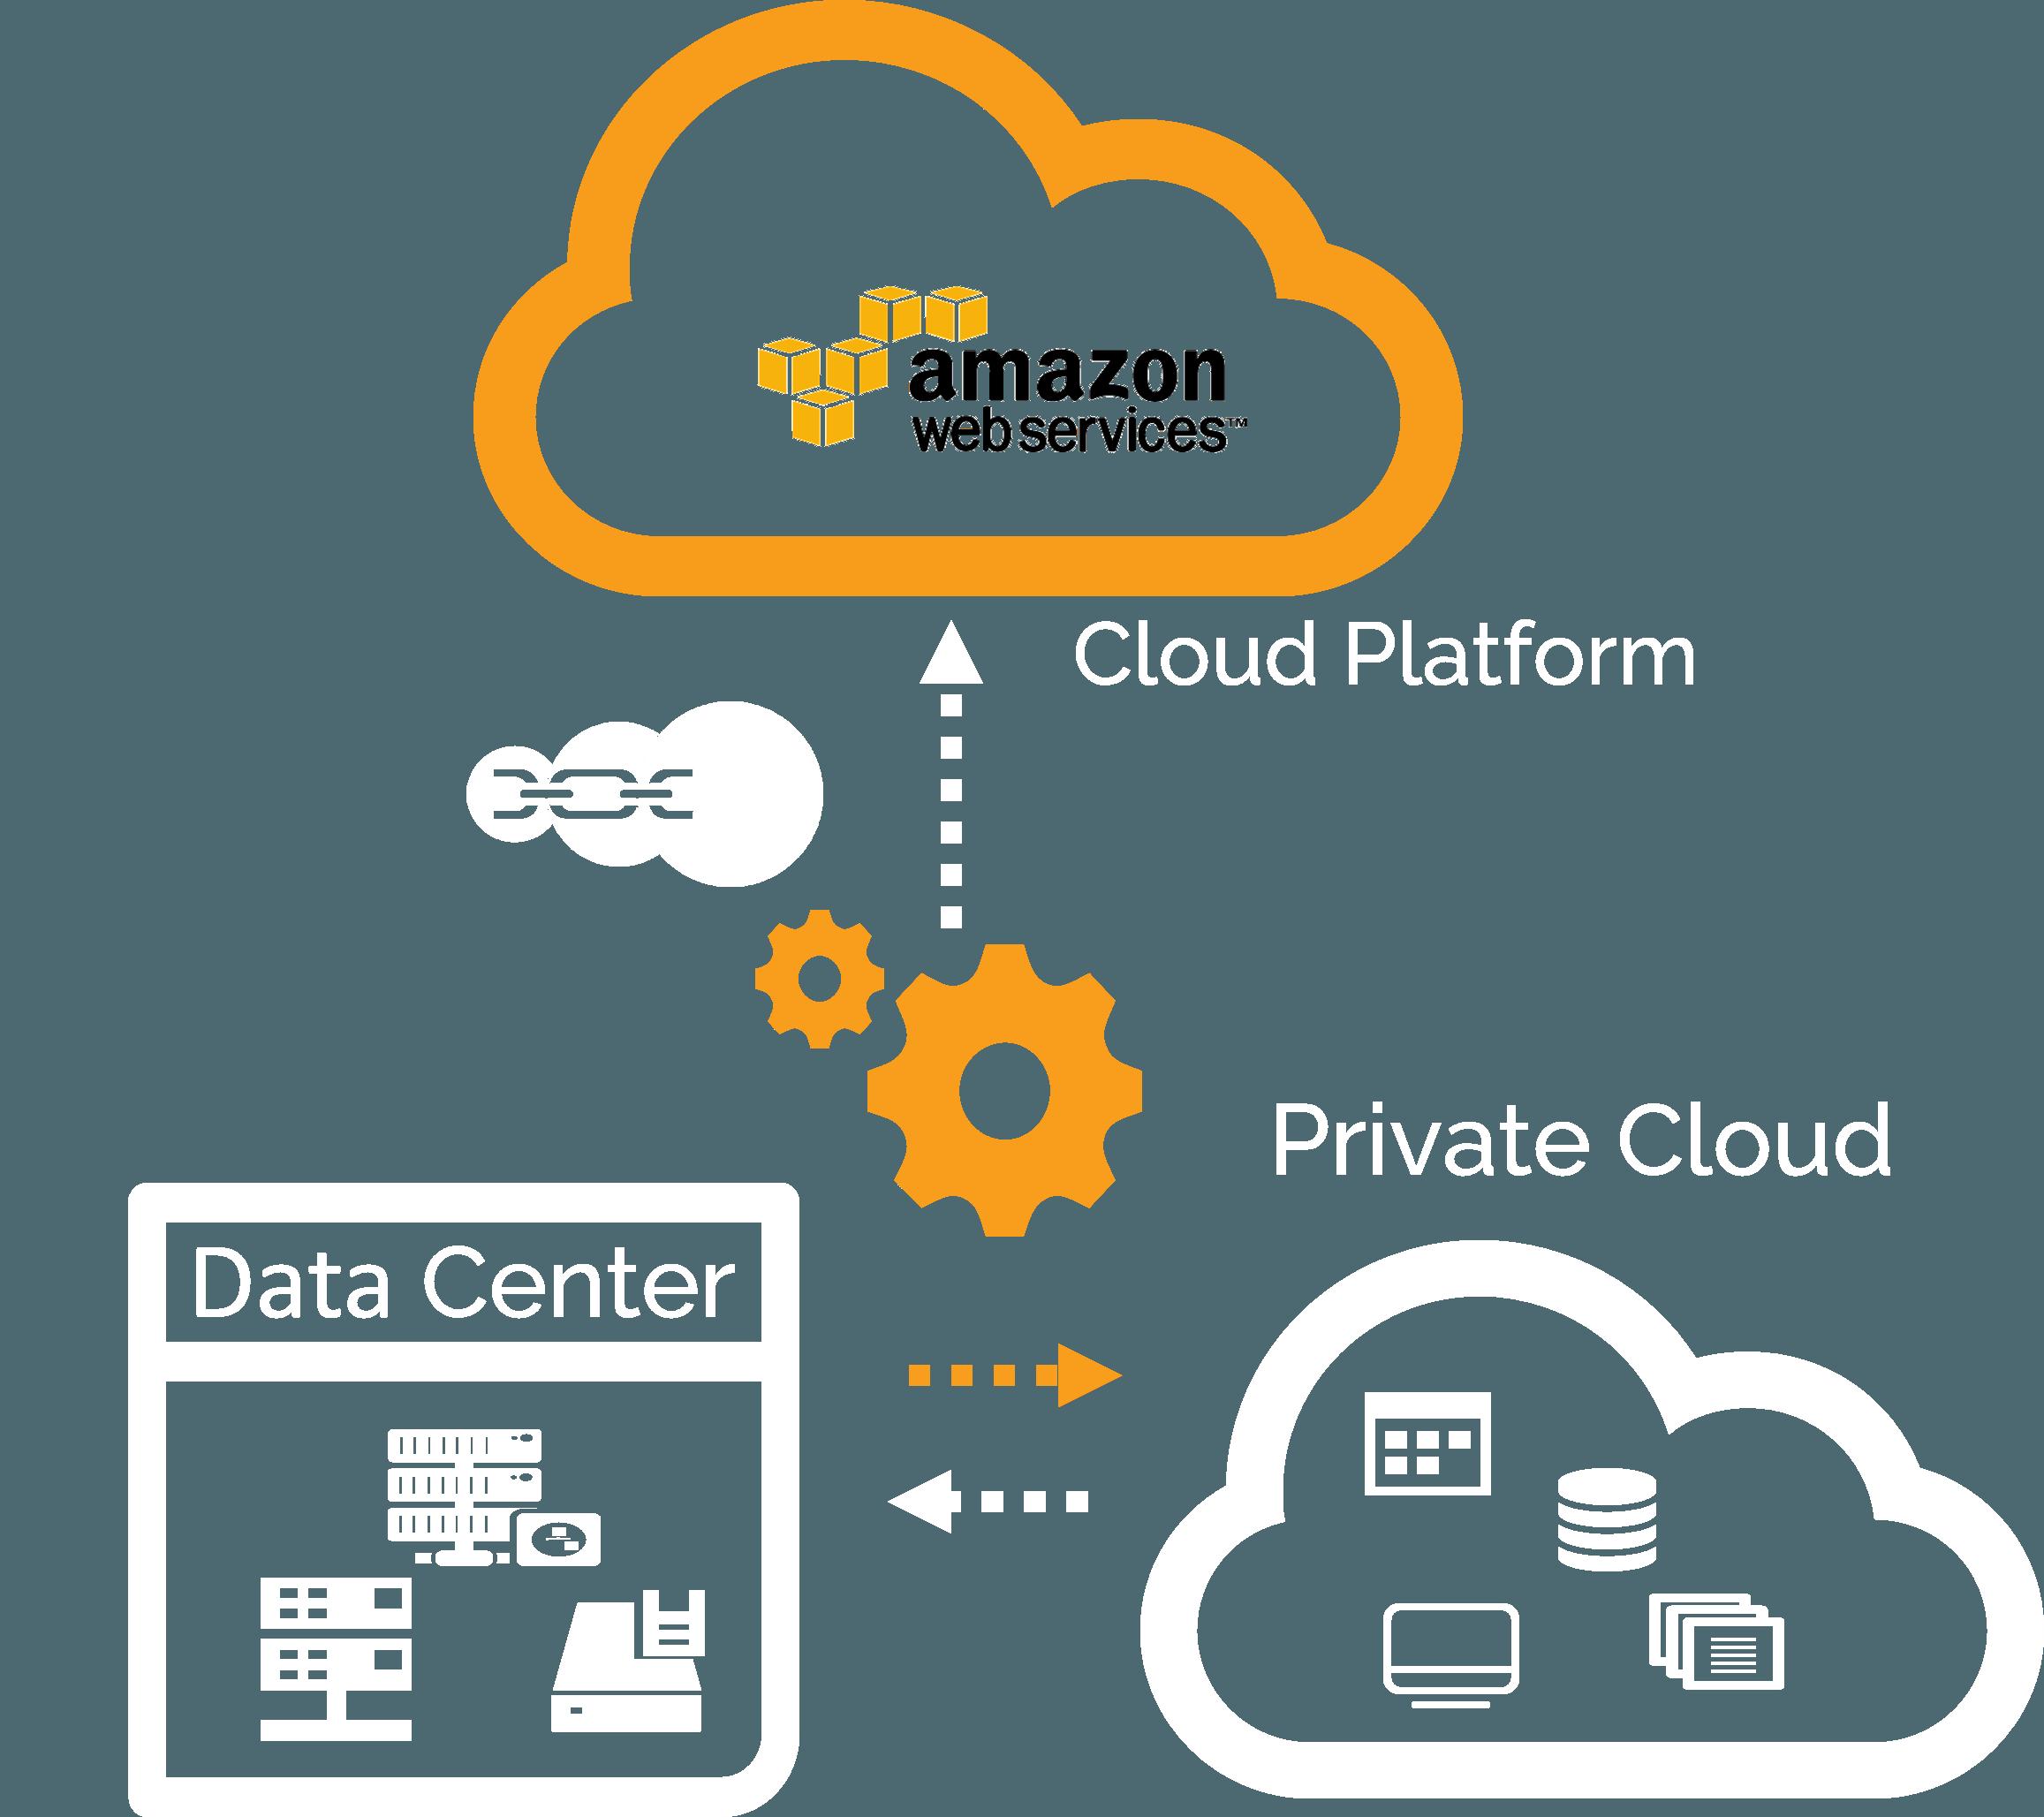 eCloudChain Public Private Cloud